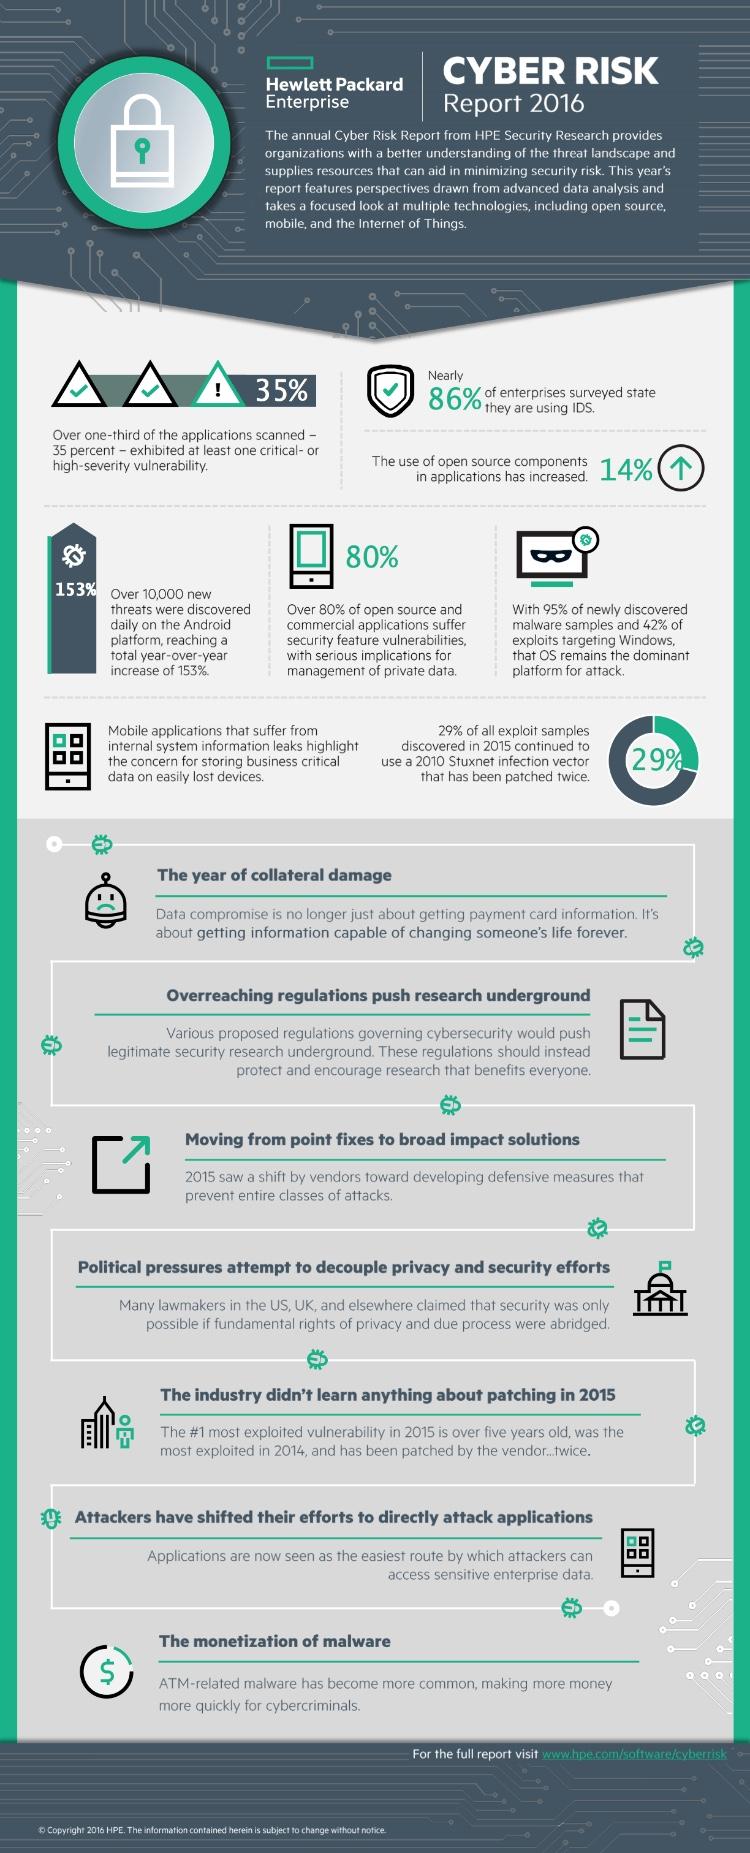 HPE identifica las principales amenazas de seguridad para las empresas